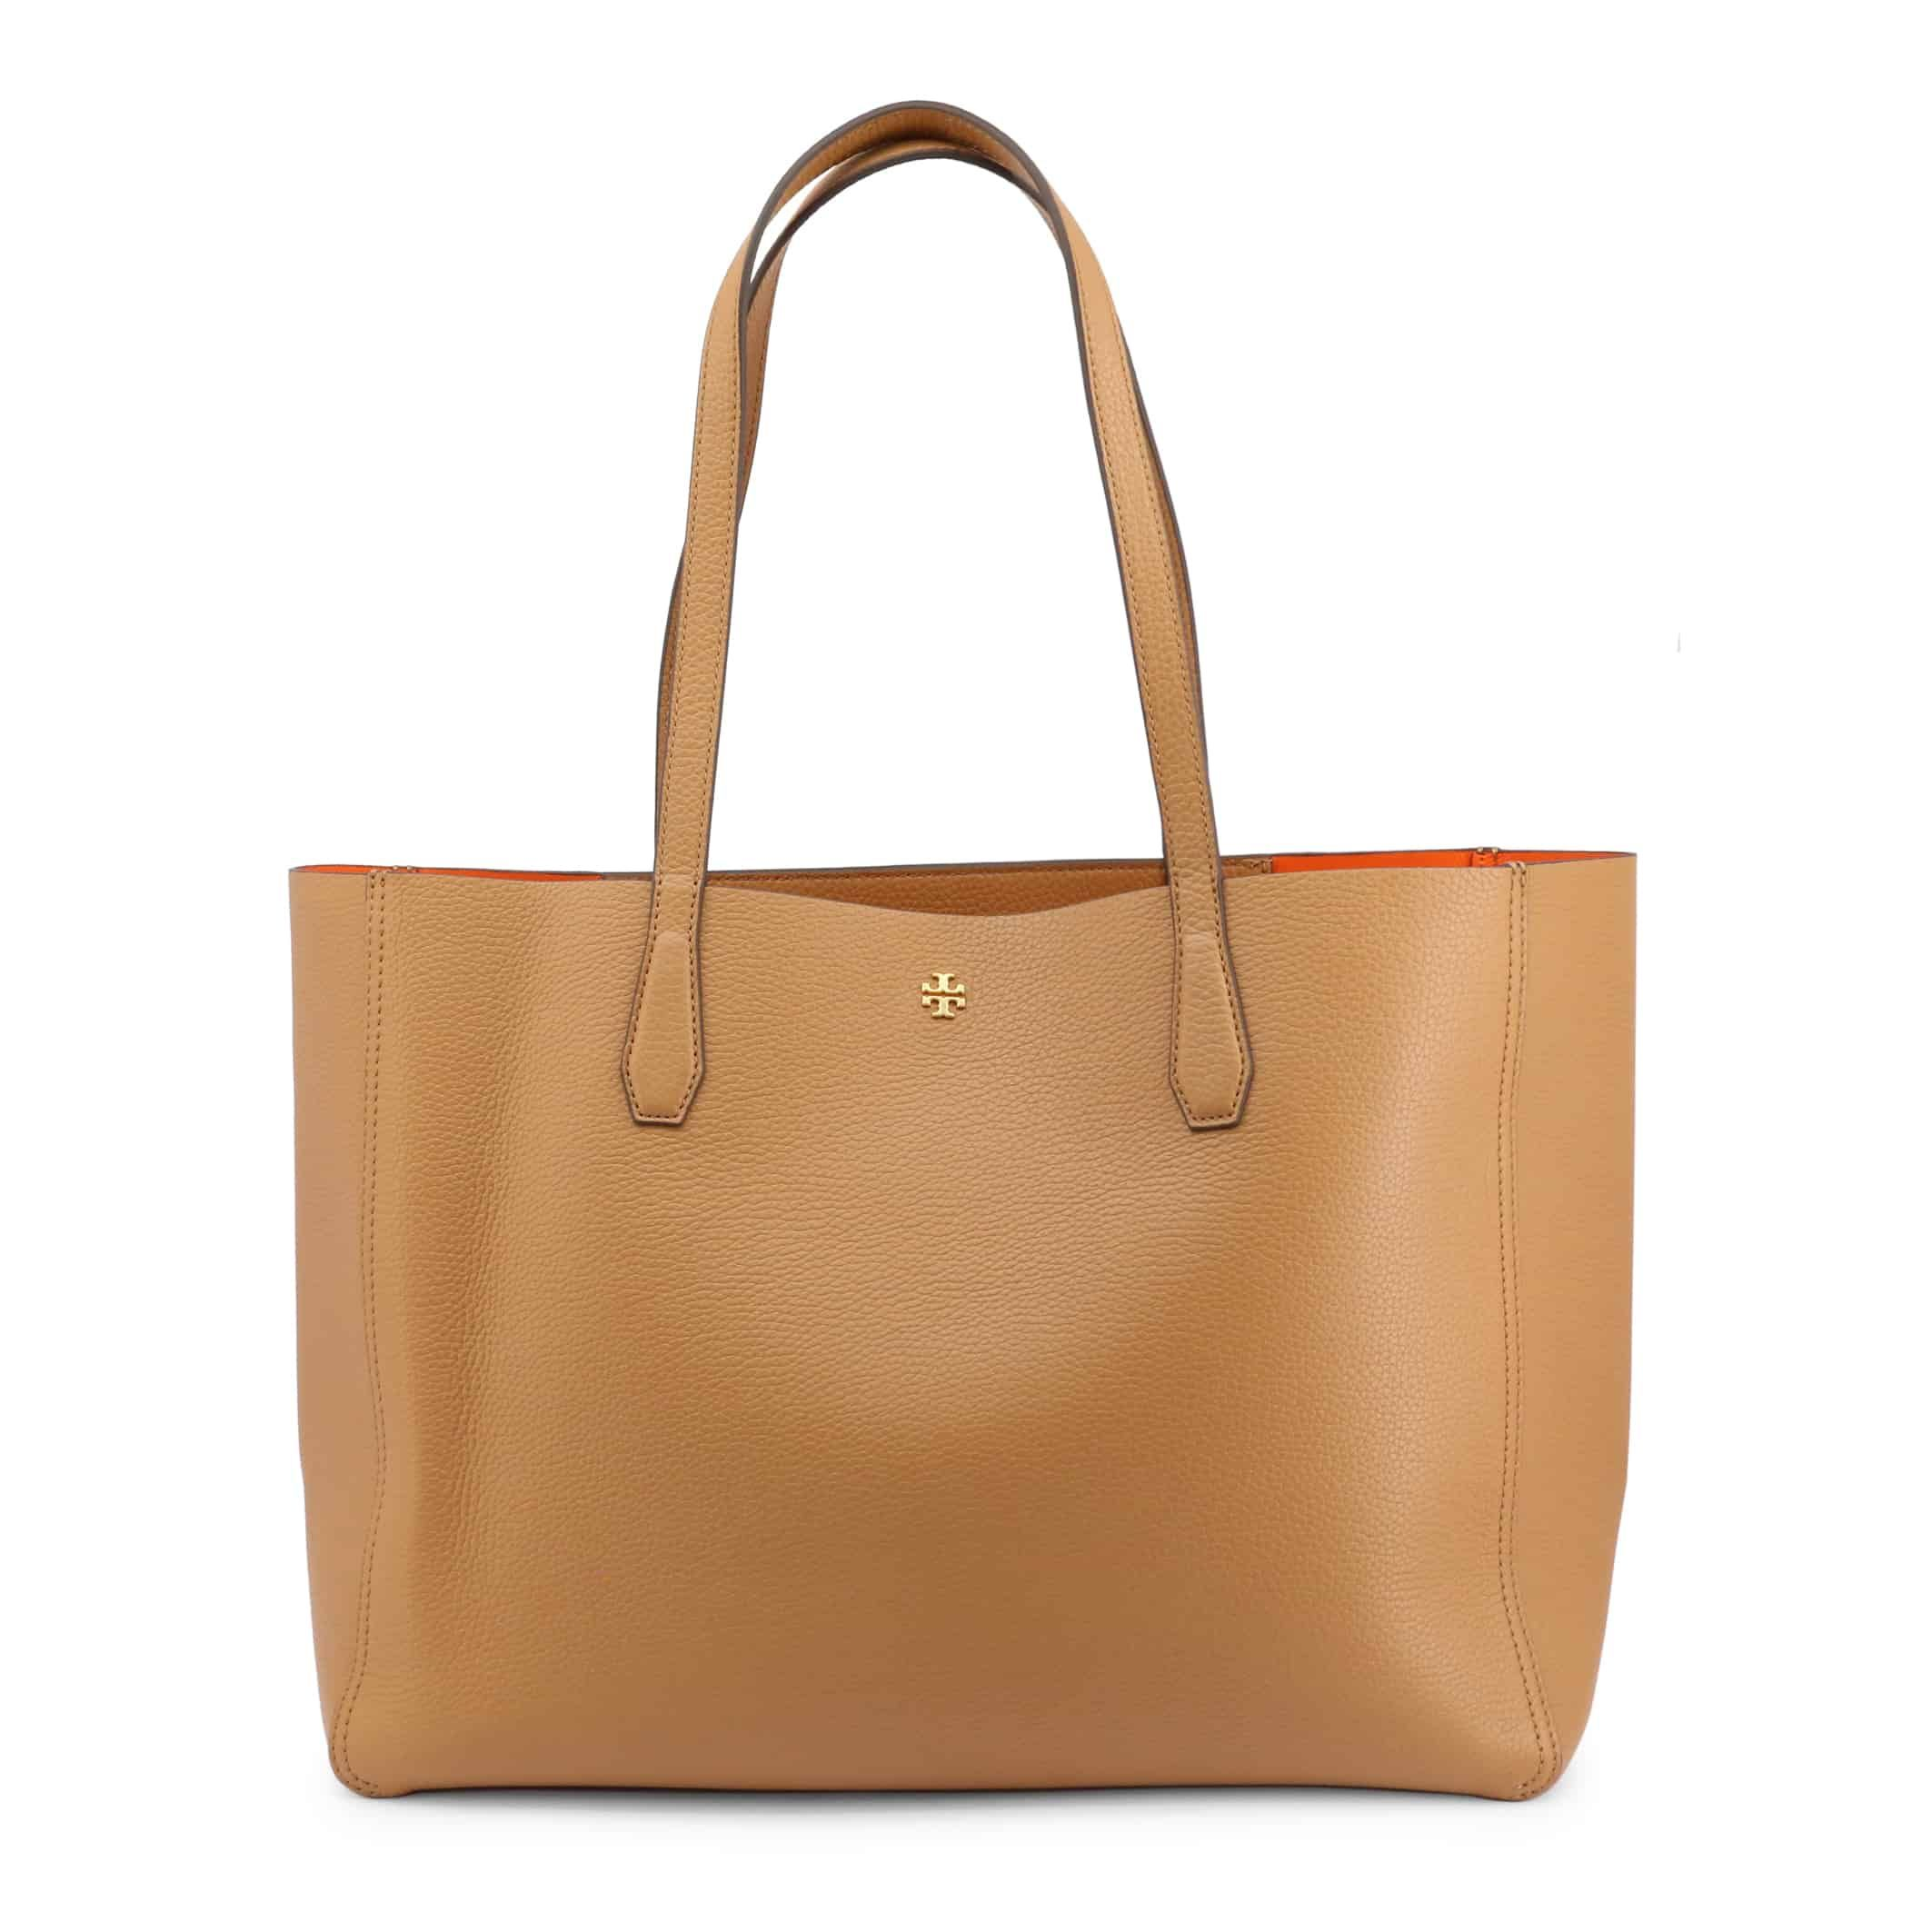 Dámská kabelka Tory Burch Shopping Bag